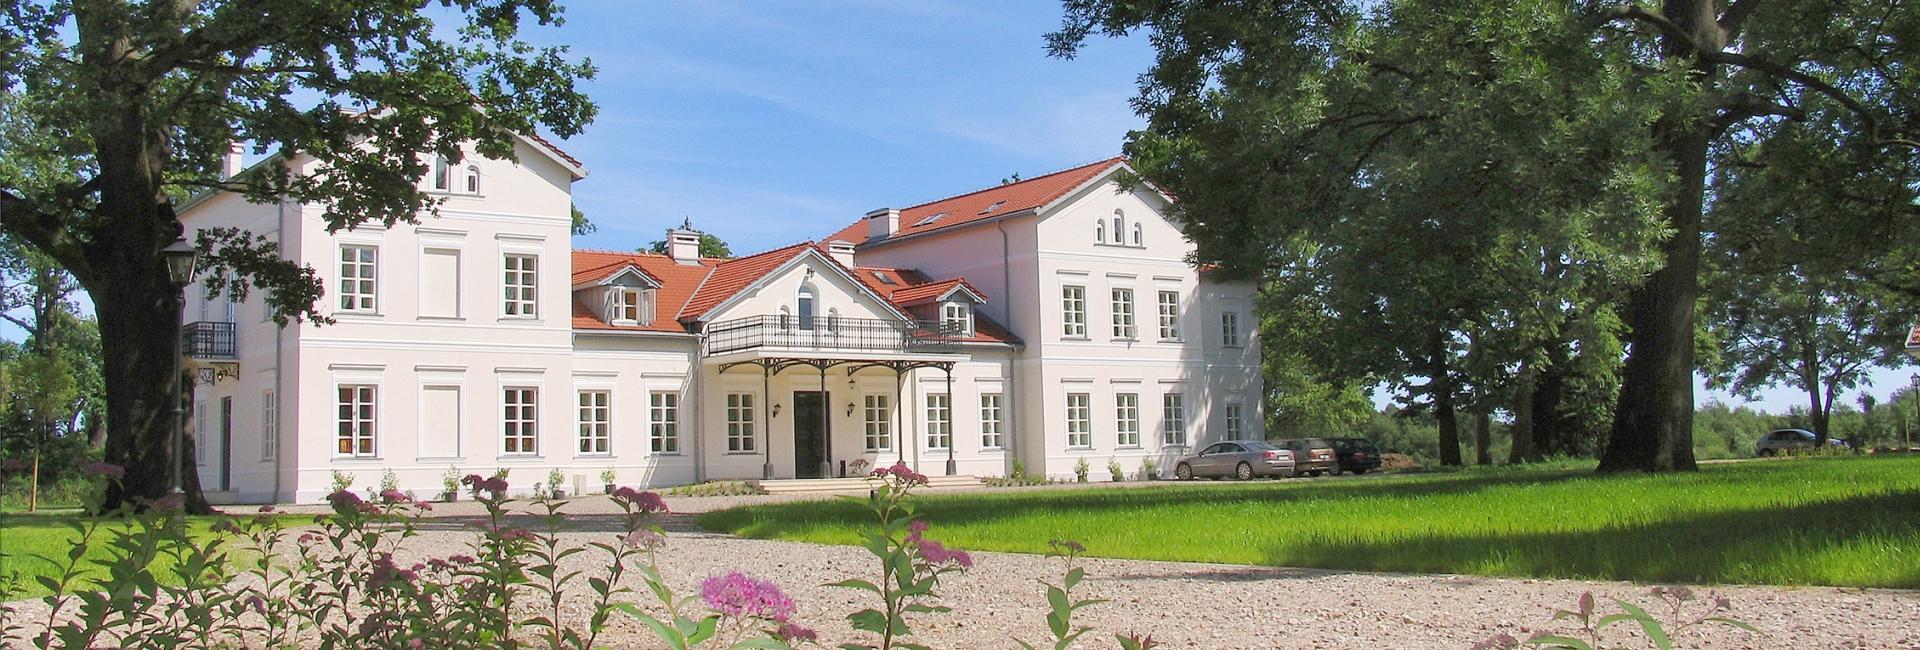 Palac i Folwark in Lochow, Poland